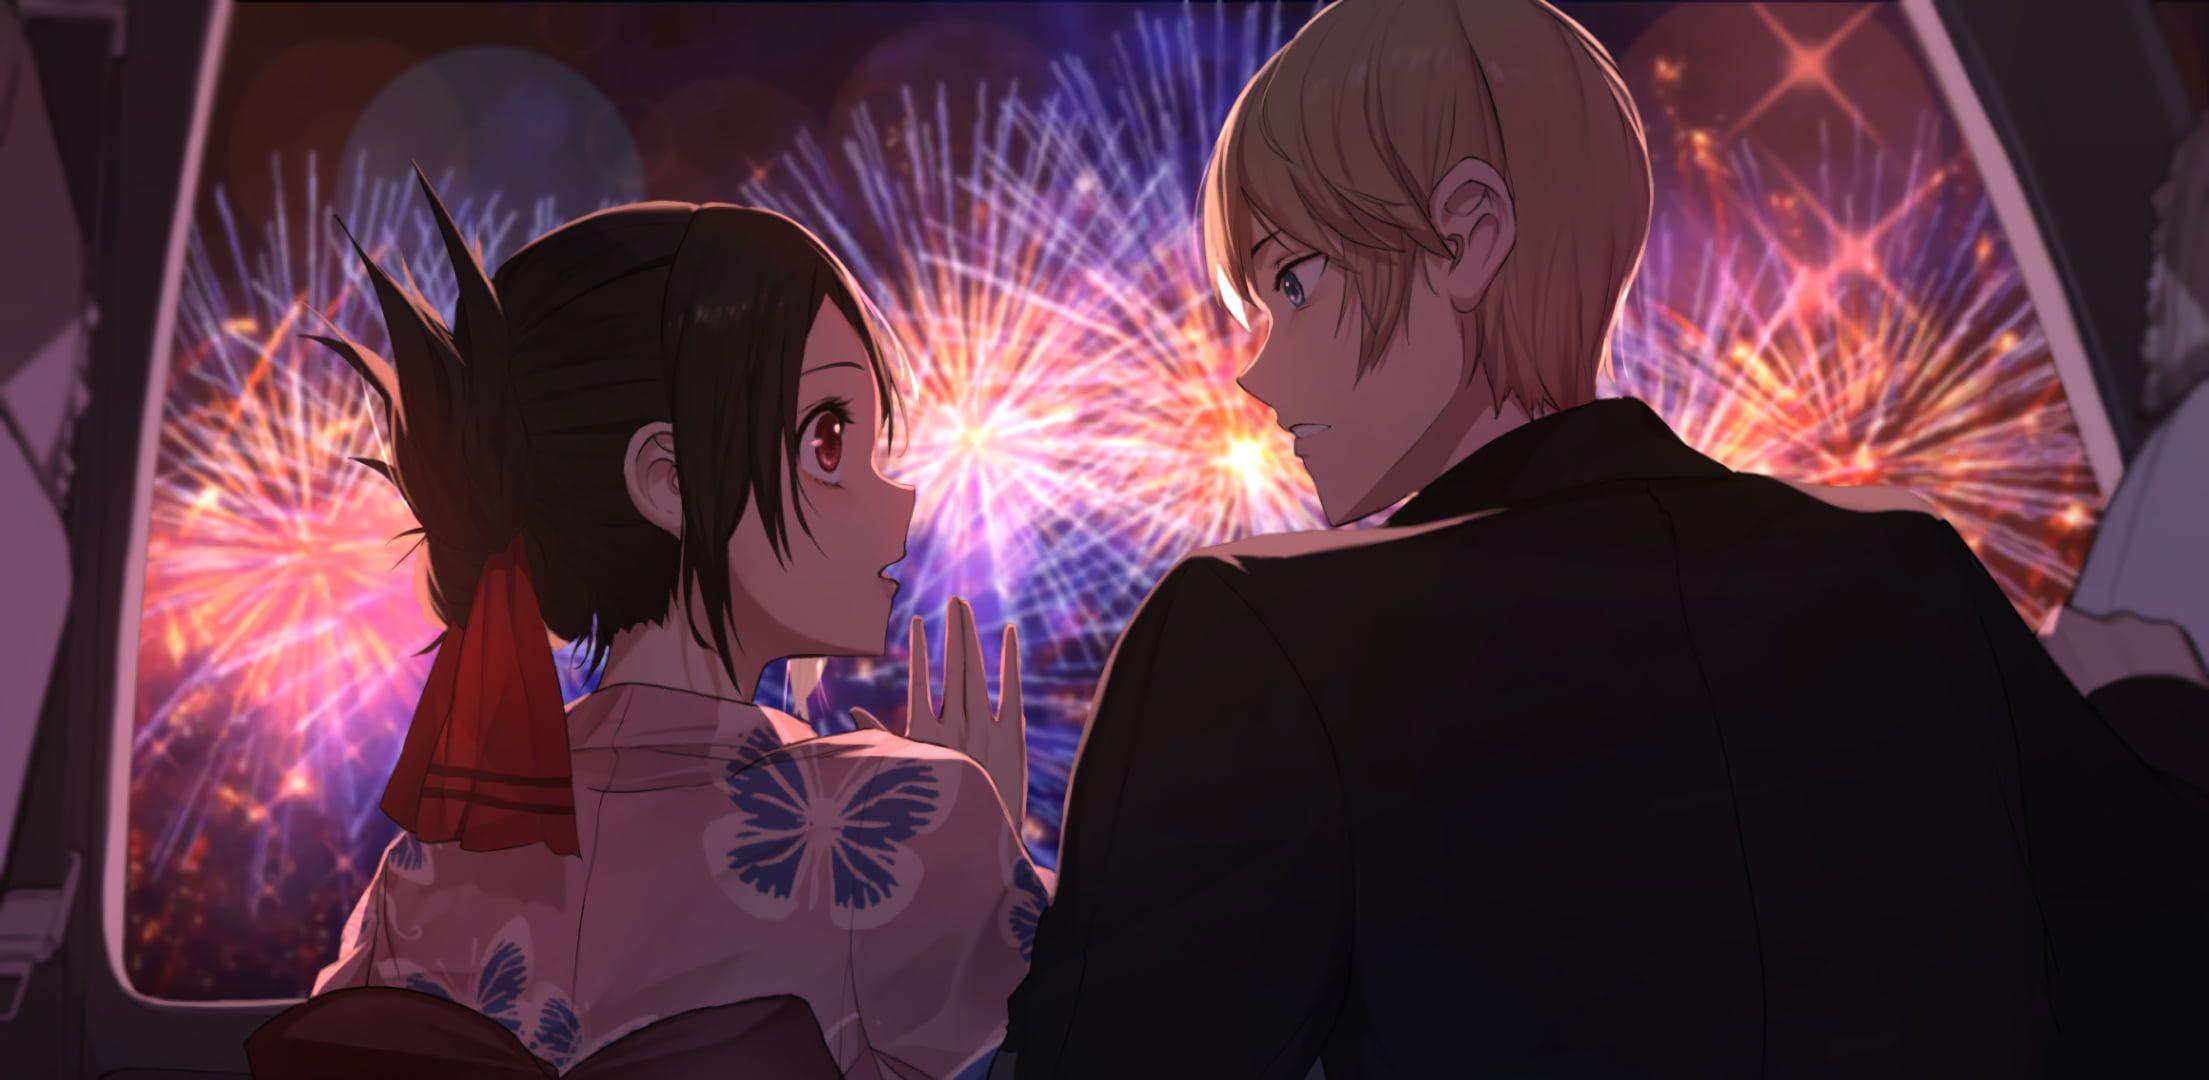 kaguya sama fireworks